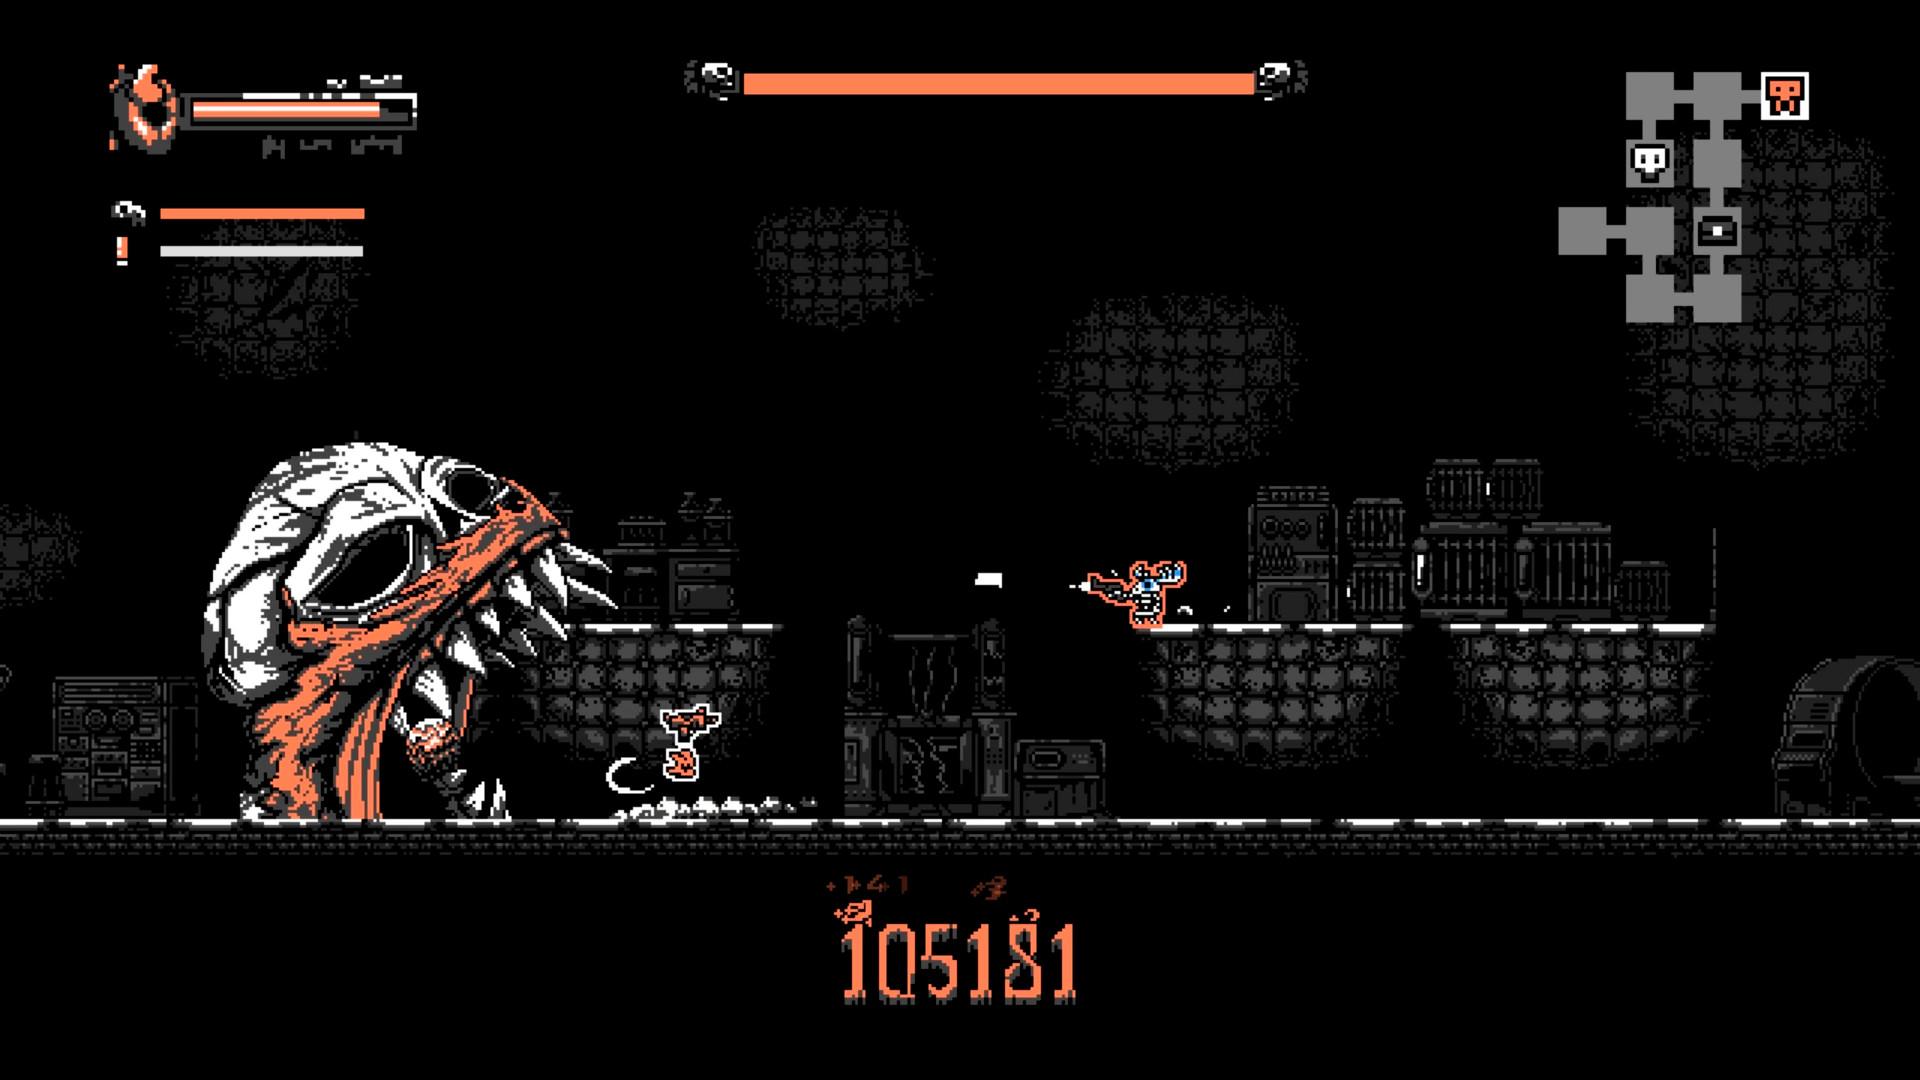 一款黑白画风的独特横版动作游戏